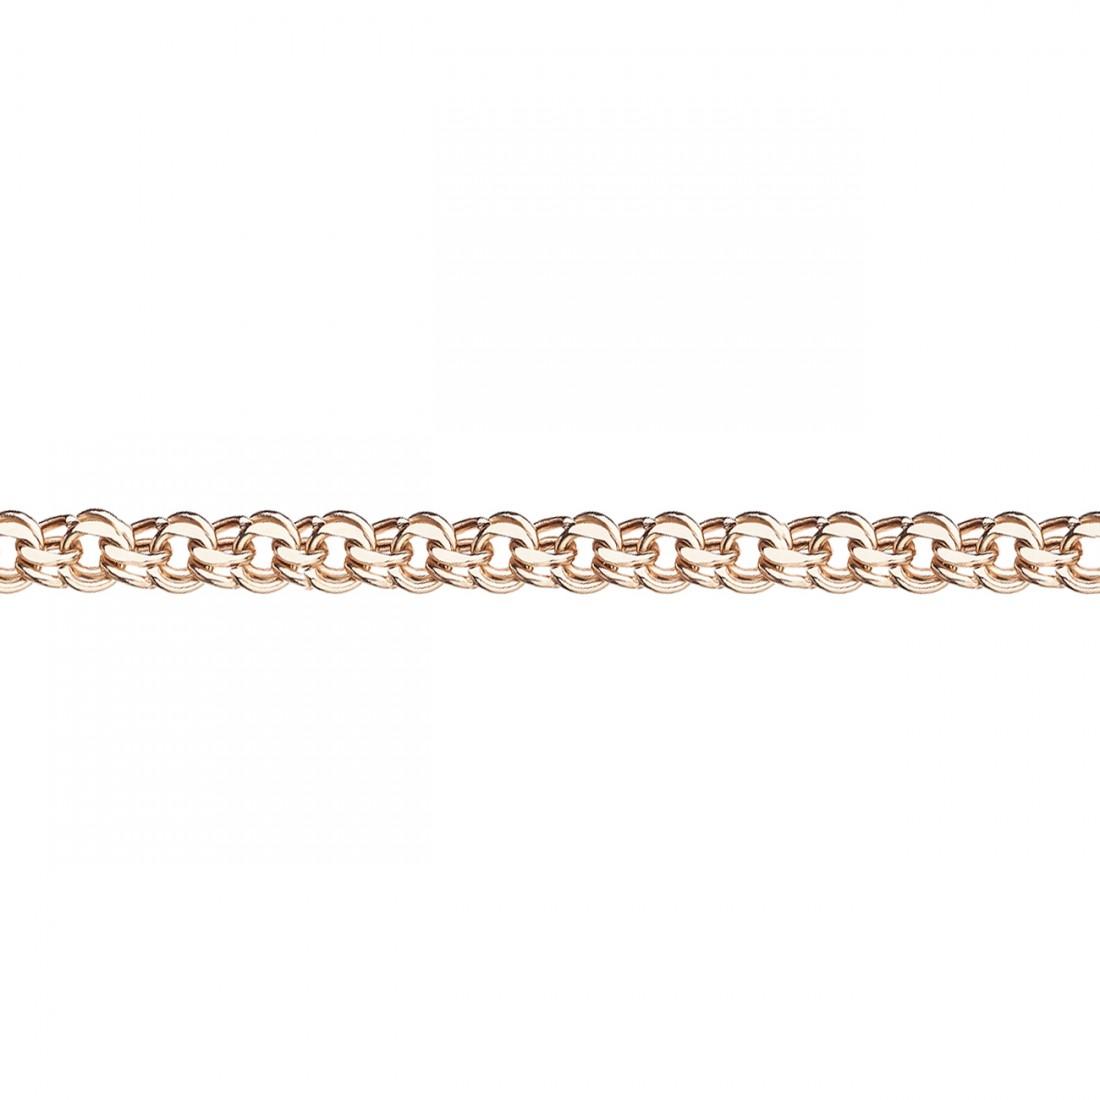 Облегченная цепь из золота арт. 8050200п-50 8050200п-50